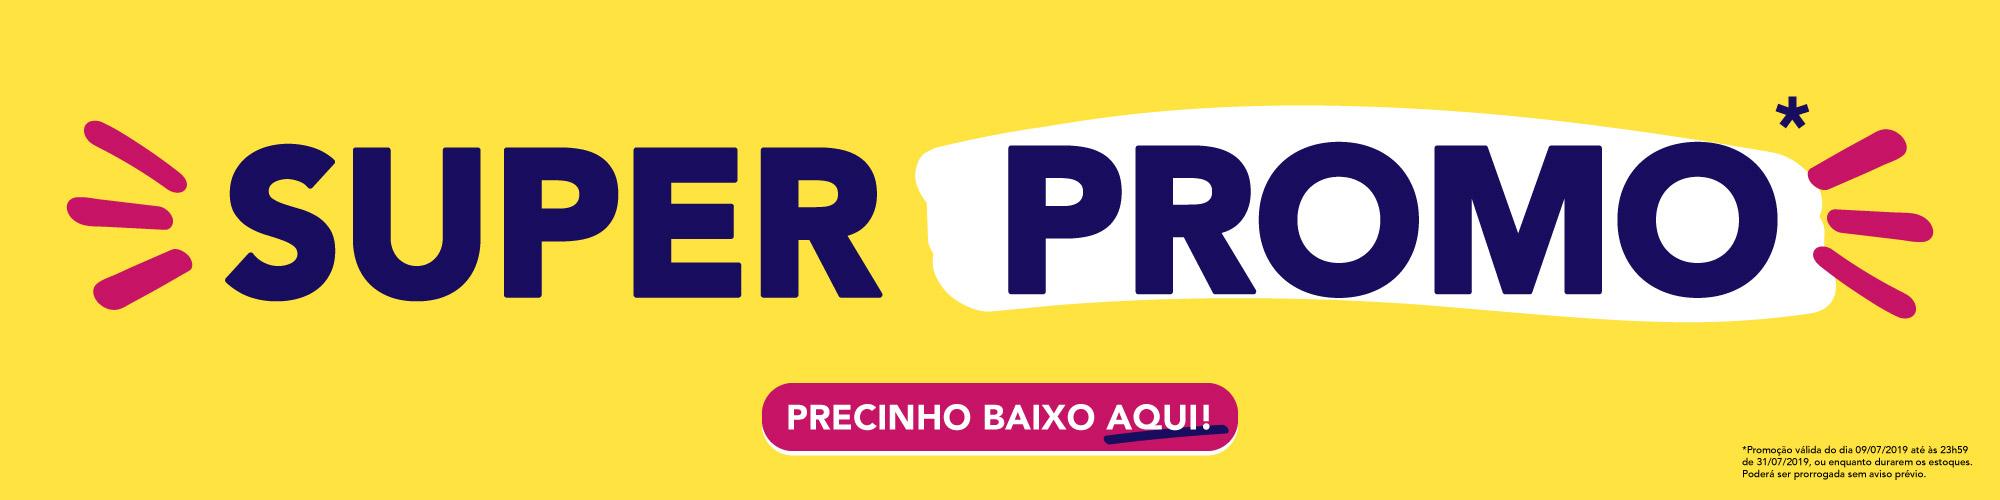 A- Promo